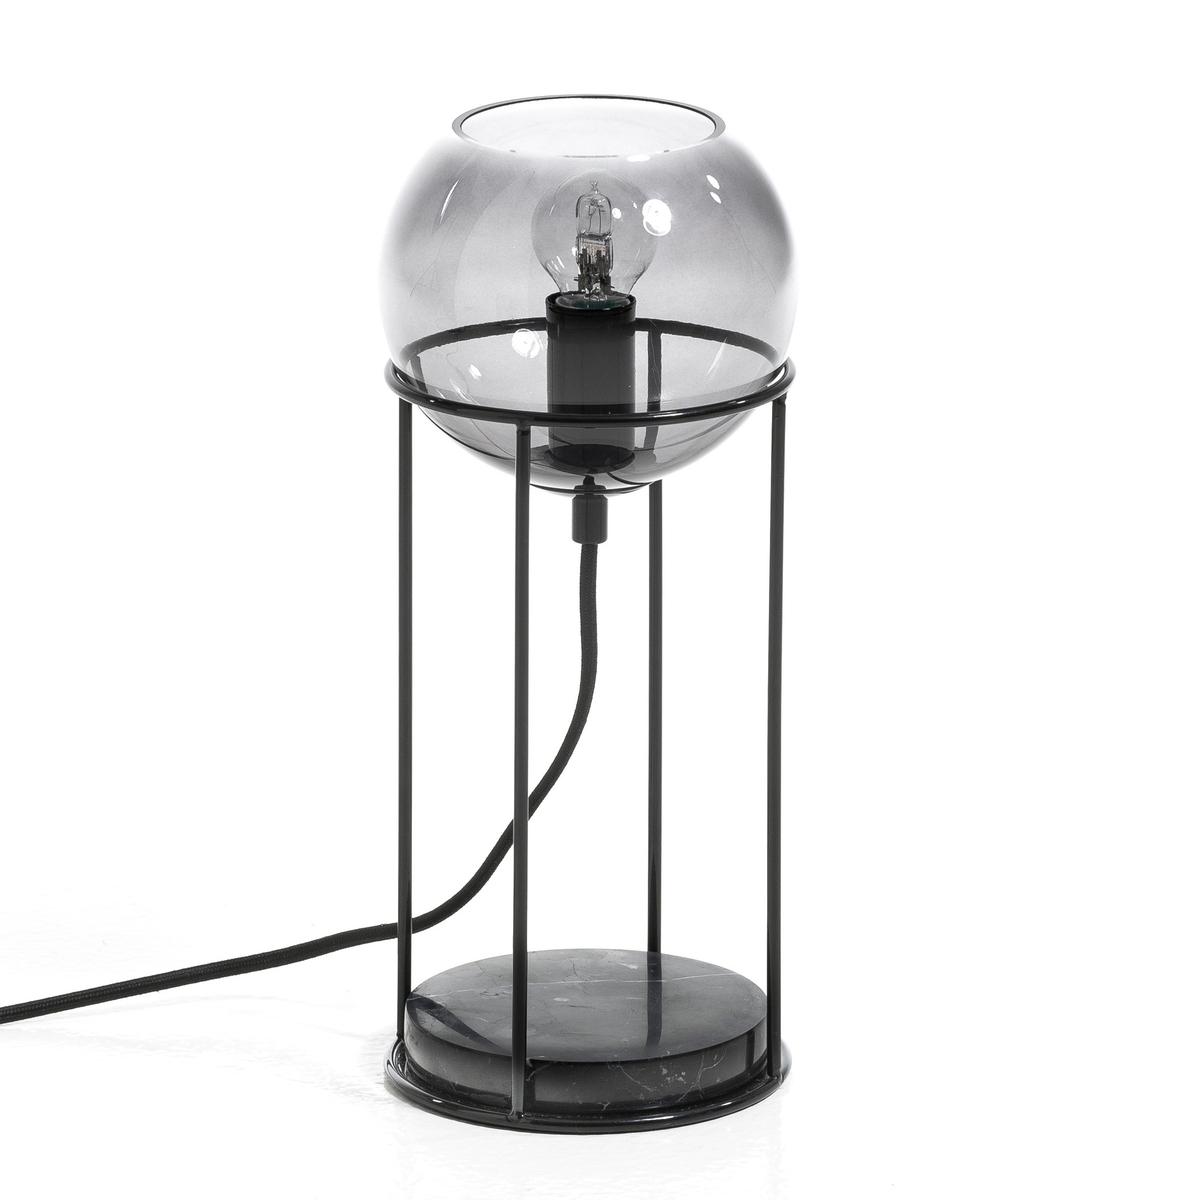 Лампа настольная AtomiumОтличный дизайн . Шар из затемненного стекла серого цвета на каркасе из металла .Цоколь из настоящего мрамора . Патрон E14 для лампочки макс 40W (не входит в комплект)  . В.30 см x ? 13 см. Кабель из черного текстиля . Этот светильник совместим с лампочками    энергетического класса   : A-B-C-D-E.<br><br>Цвет: черный лак